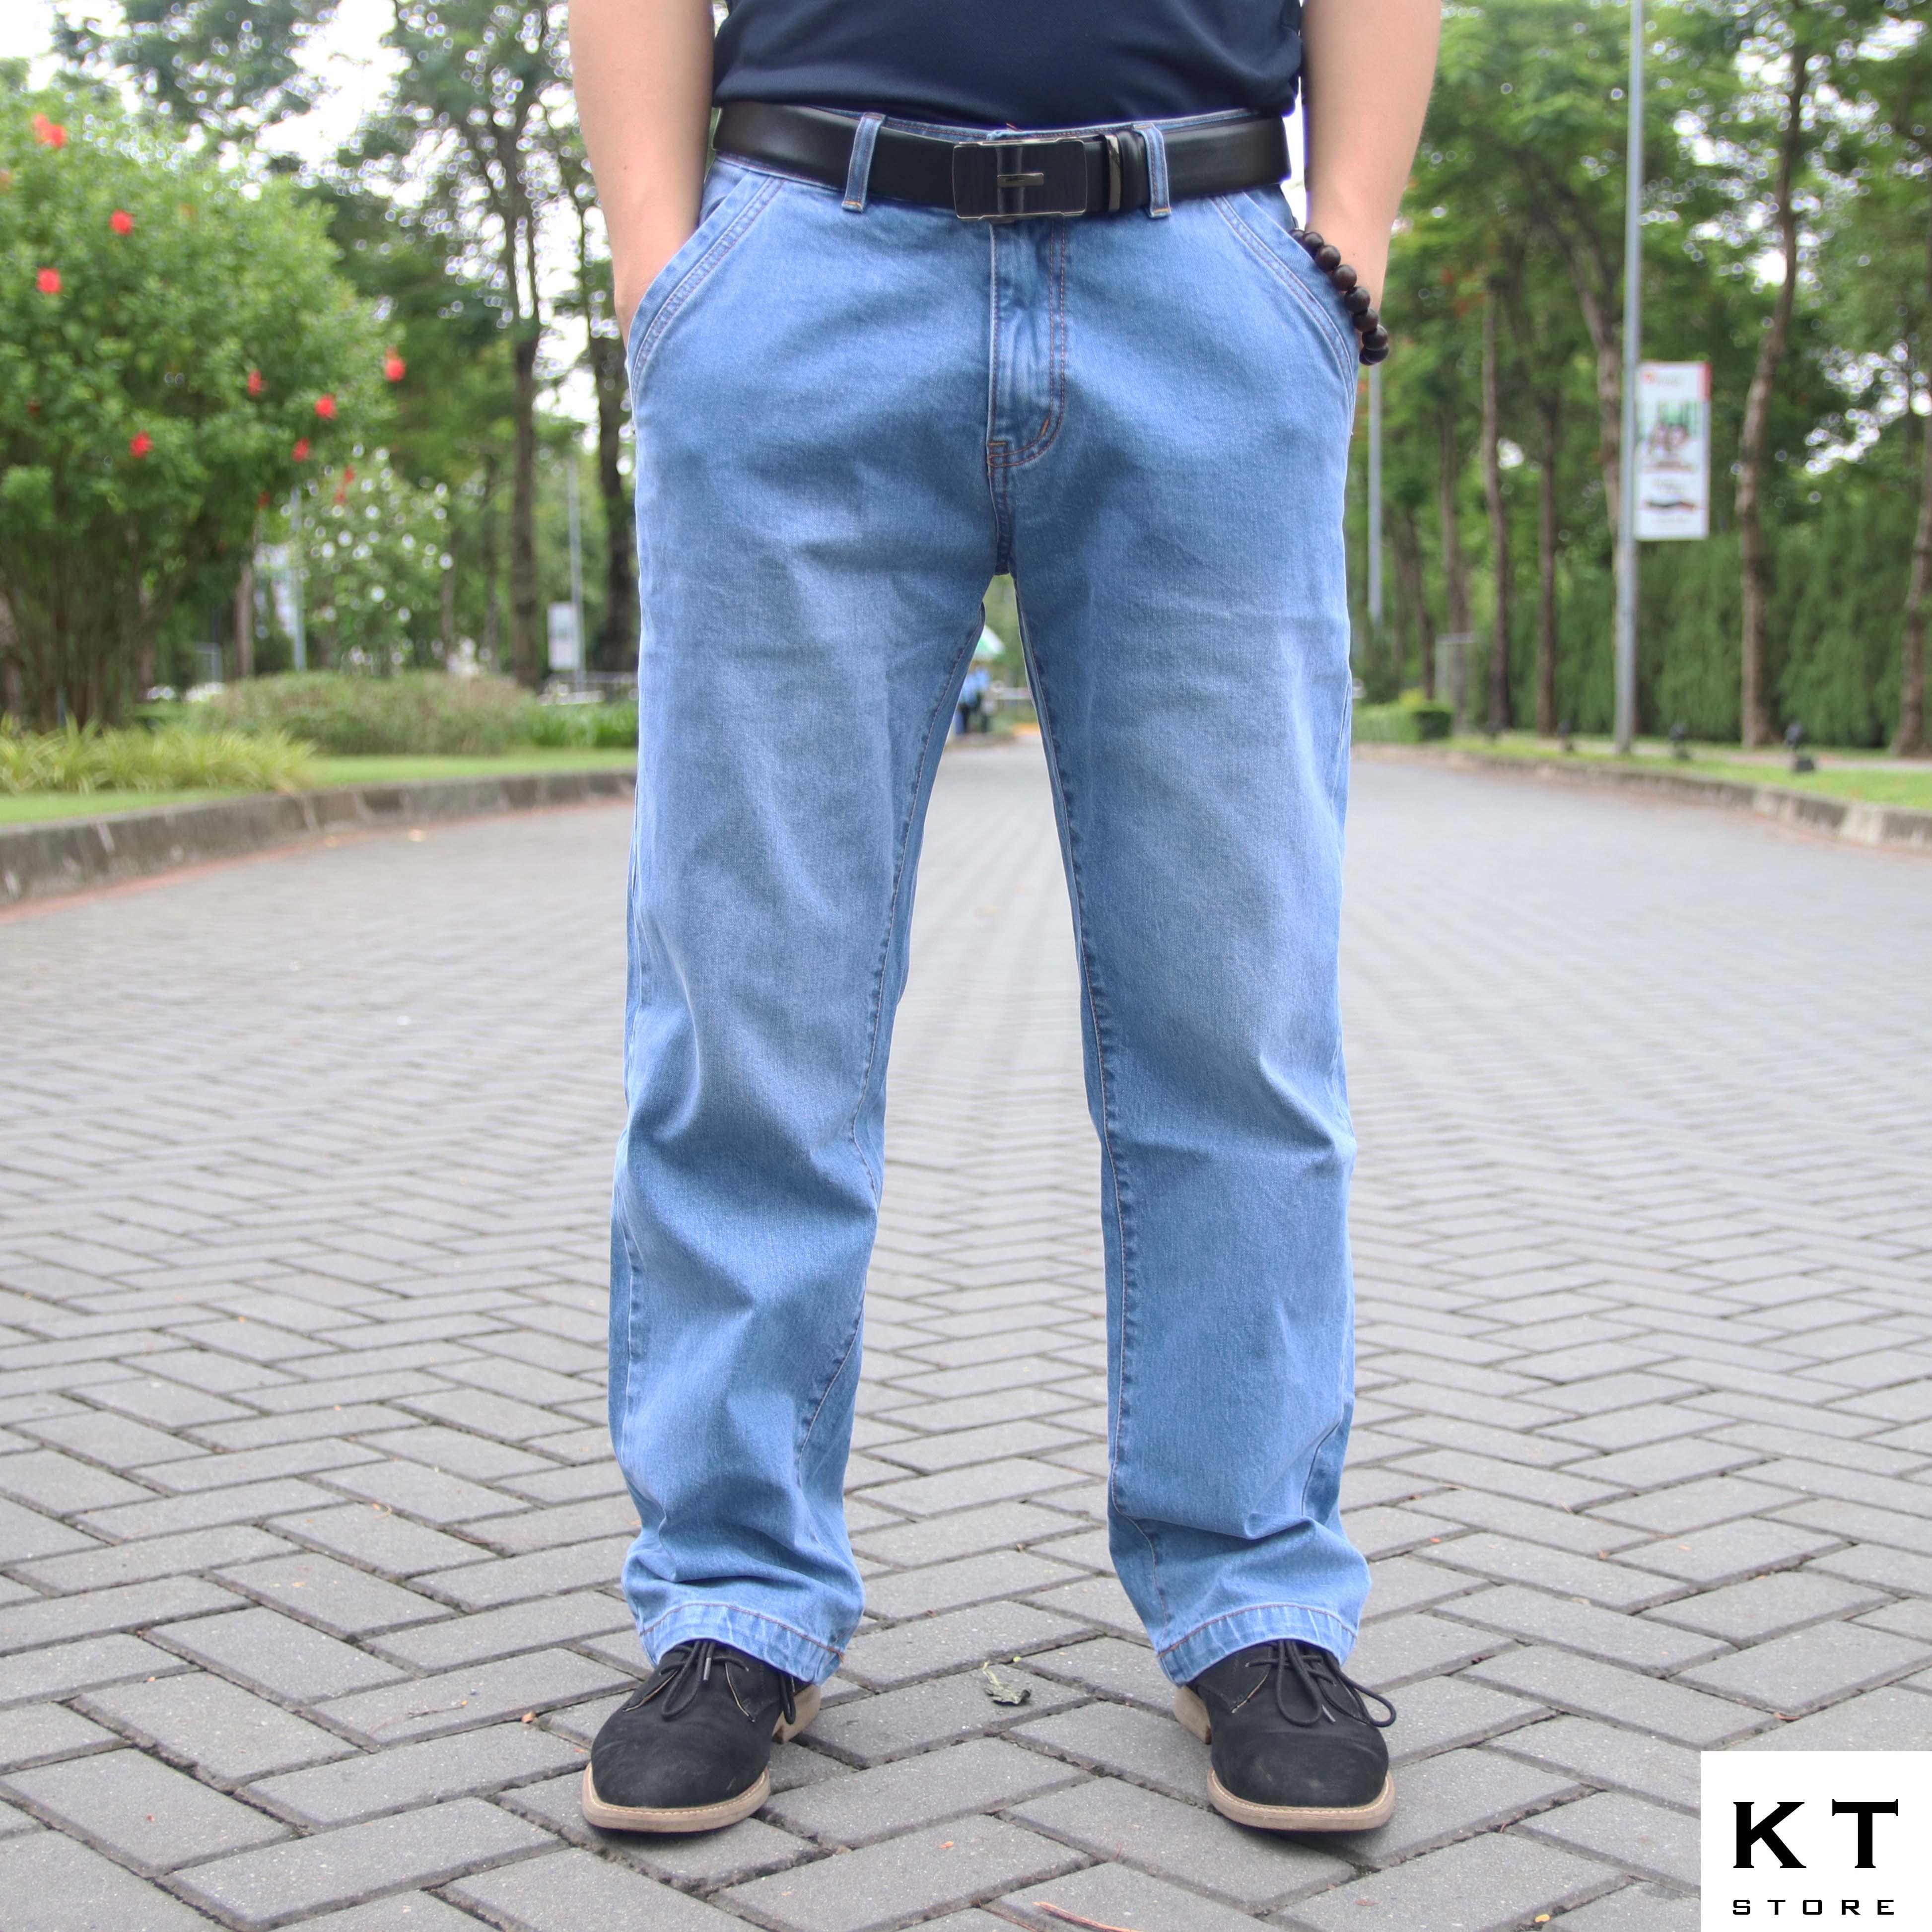 Jean túi khóa S7